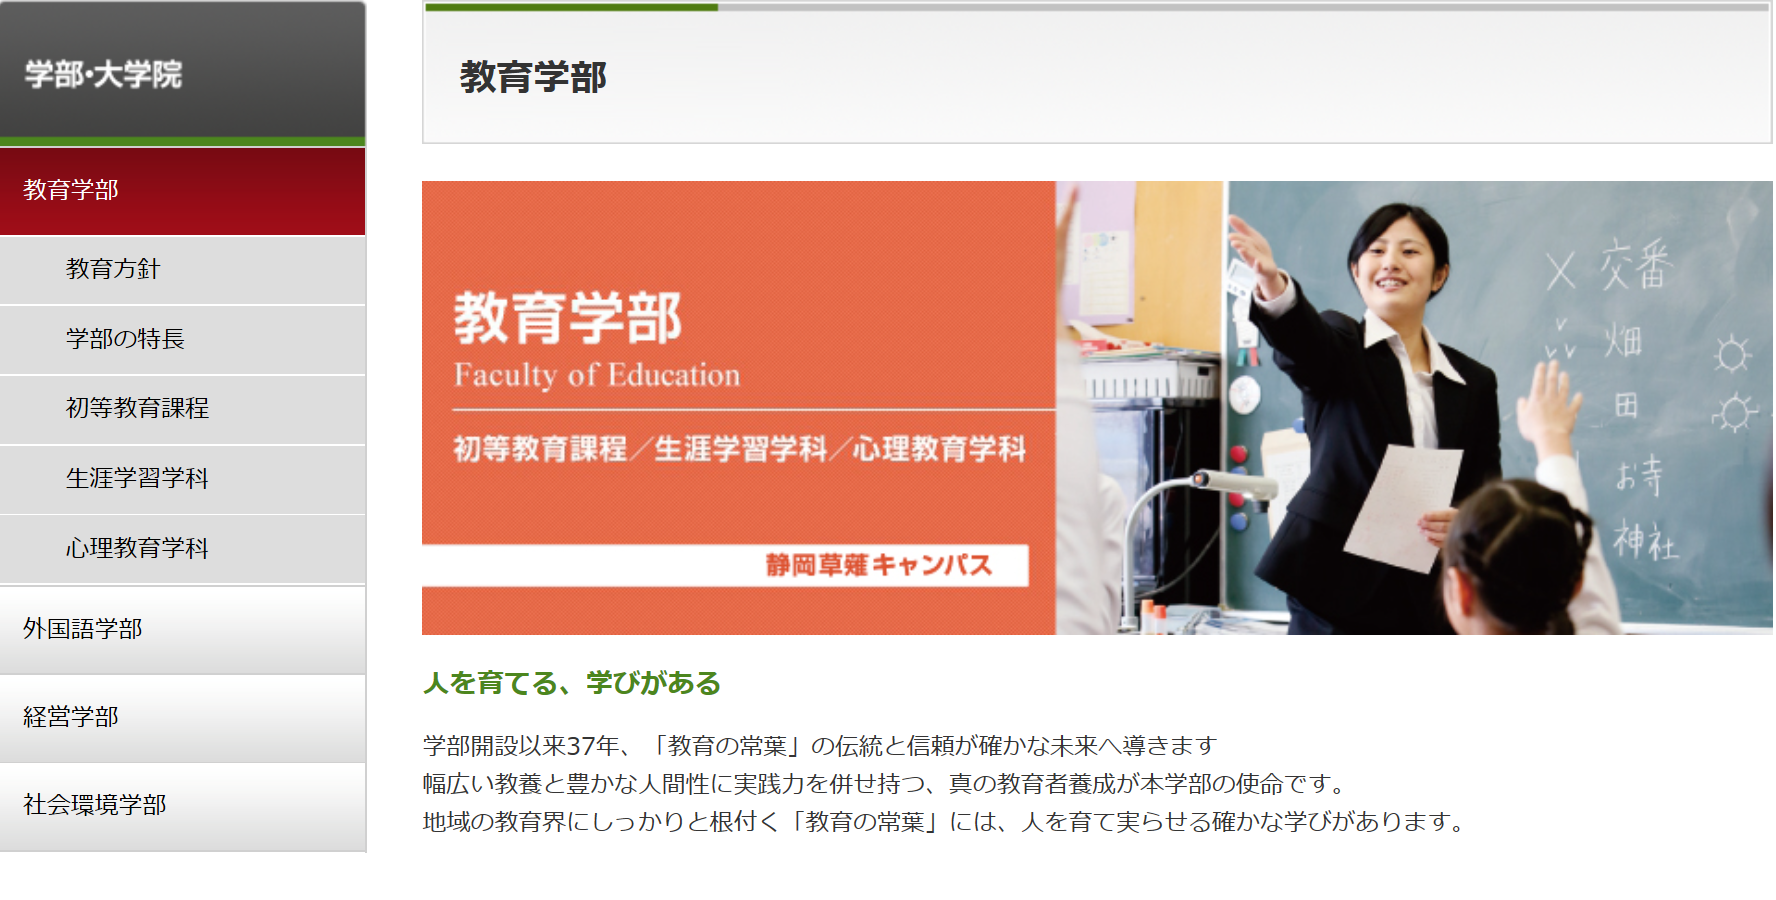 常葉大学の評判・口コミ【教育学部編】